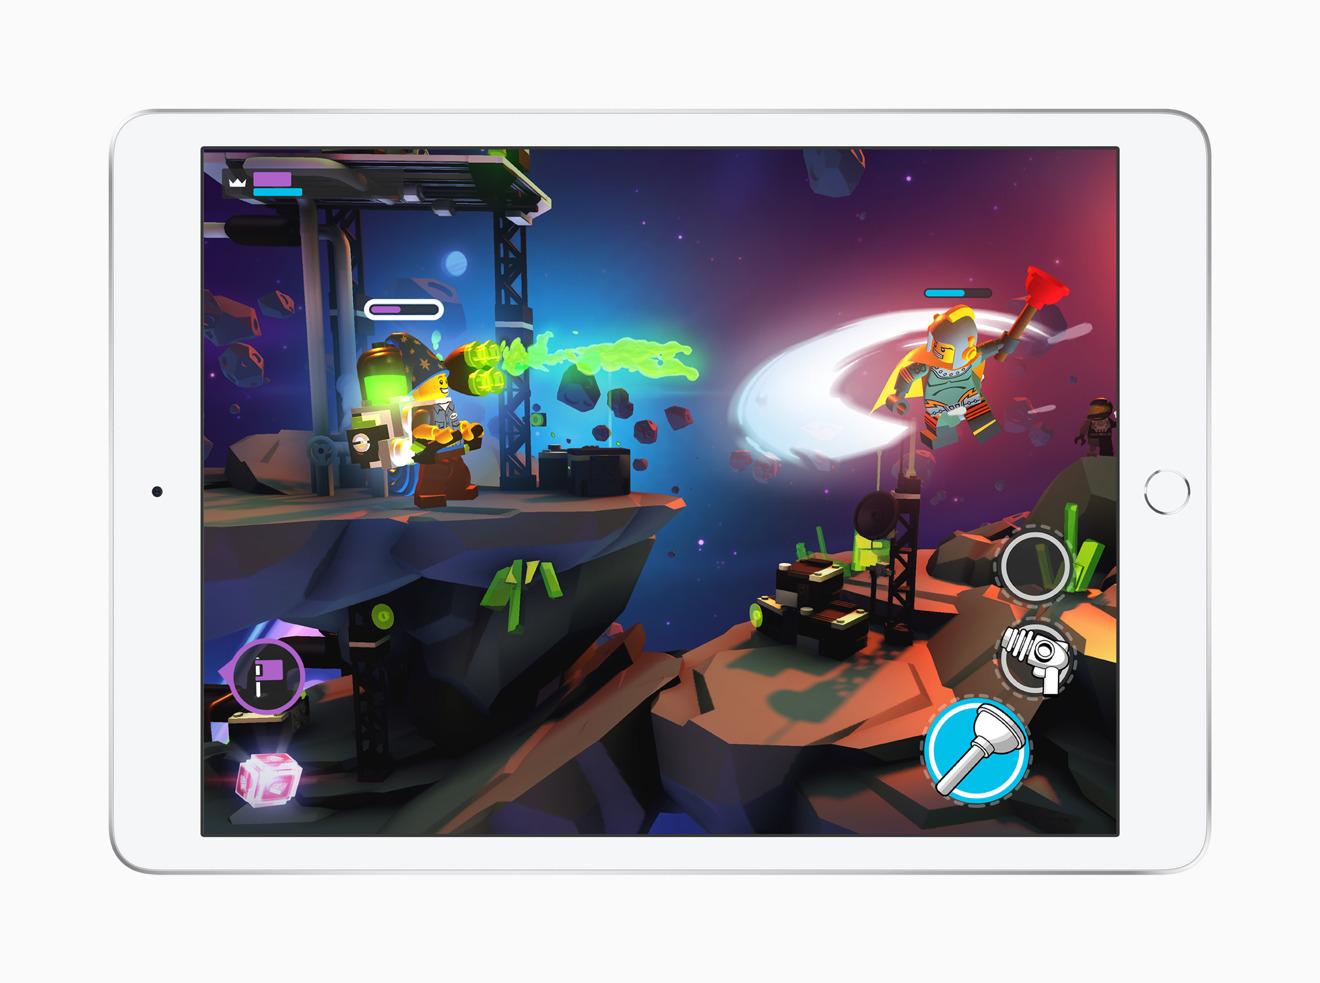 El iPad 2020 debería funcionar mejor para los juegos